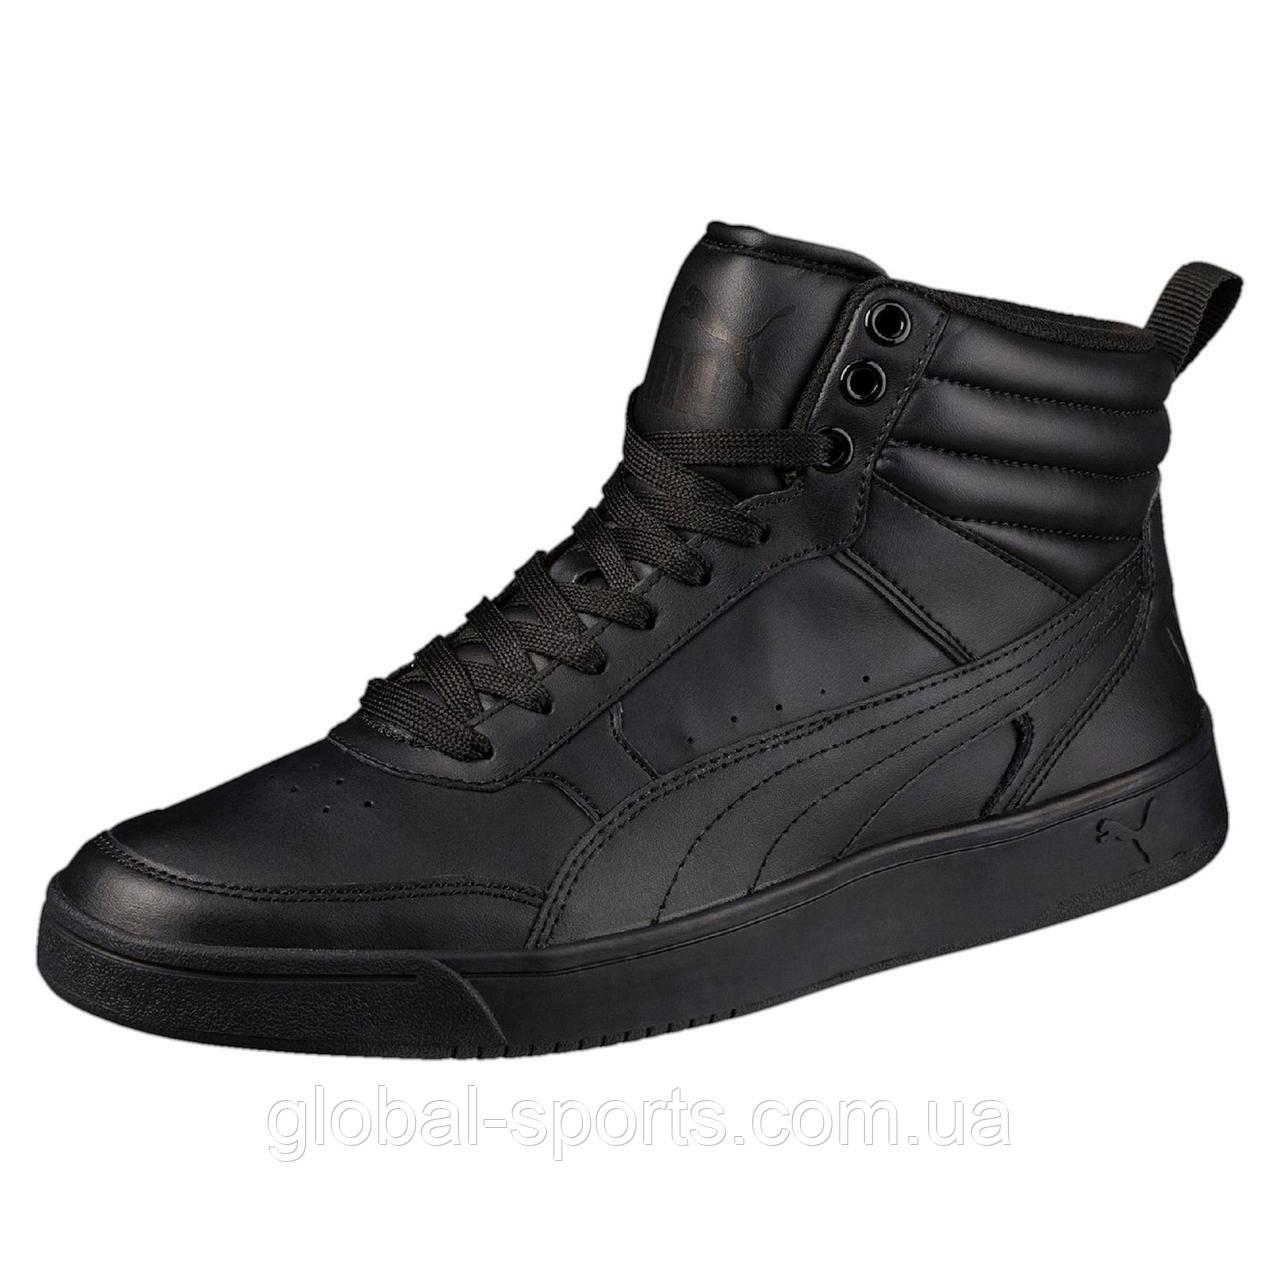 Високі кросівки Puma Rebound Street v2 L (Артикул: 36371601)